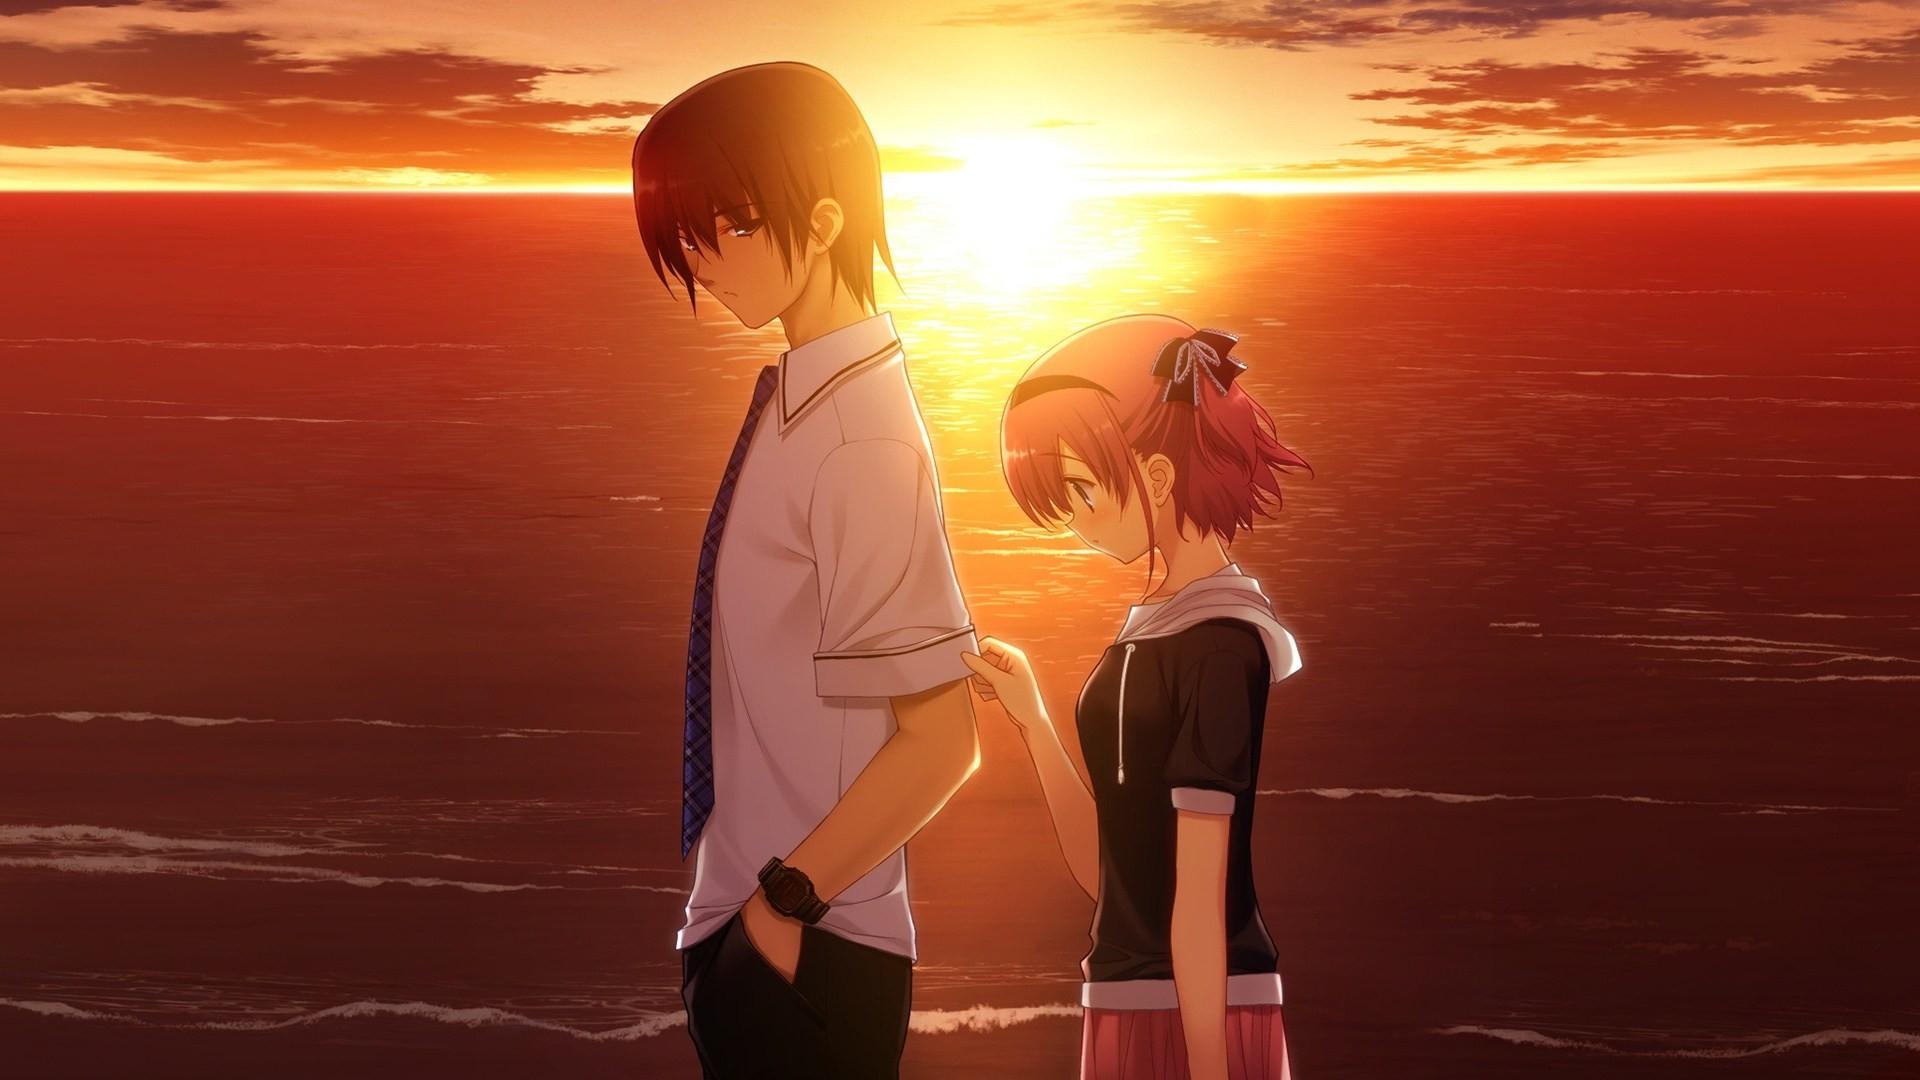 Hình ảnh anime về tình yêu buồn, cô đơn